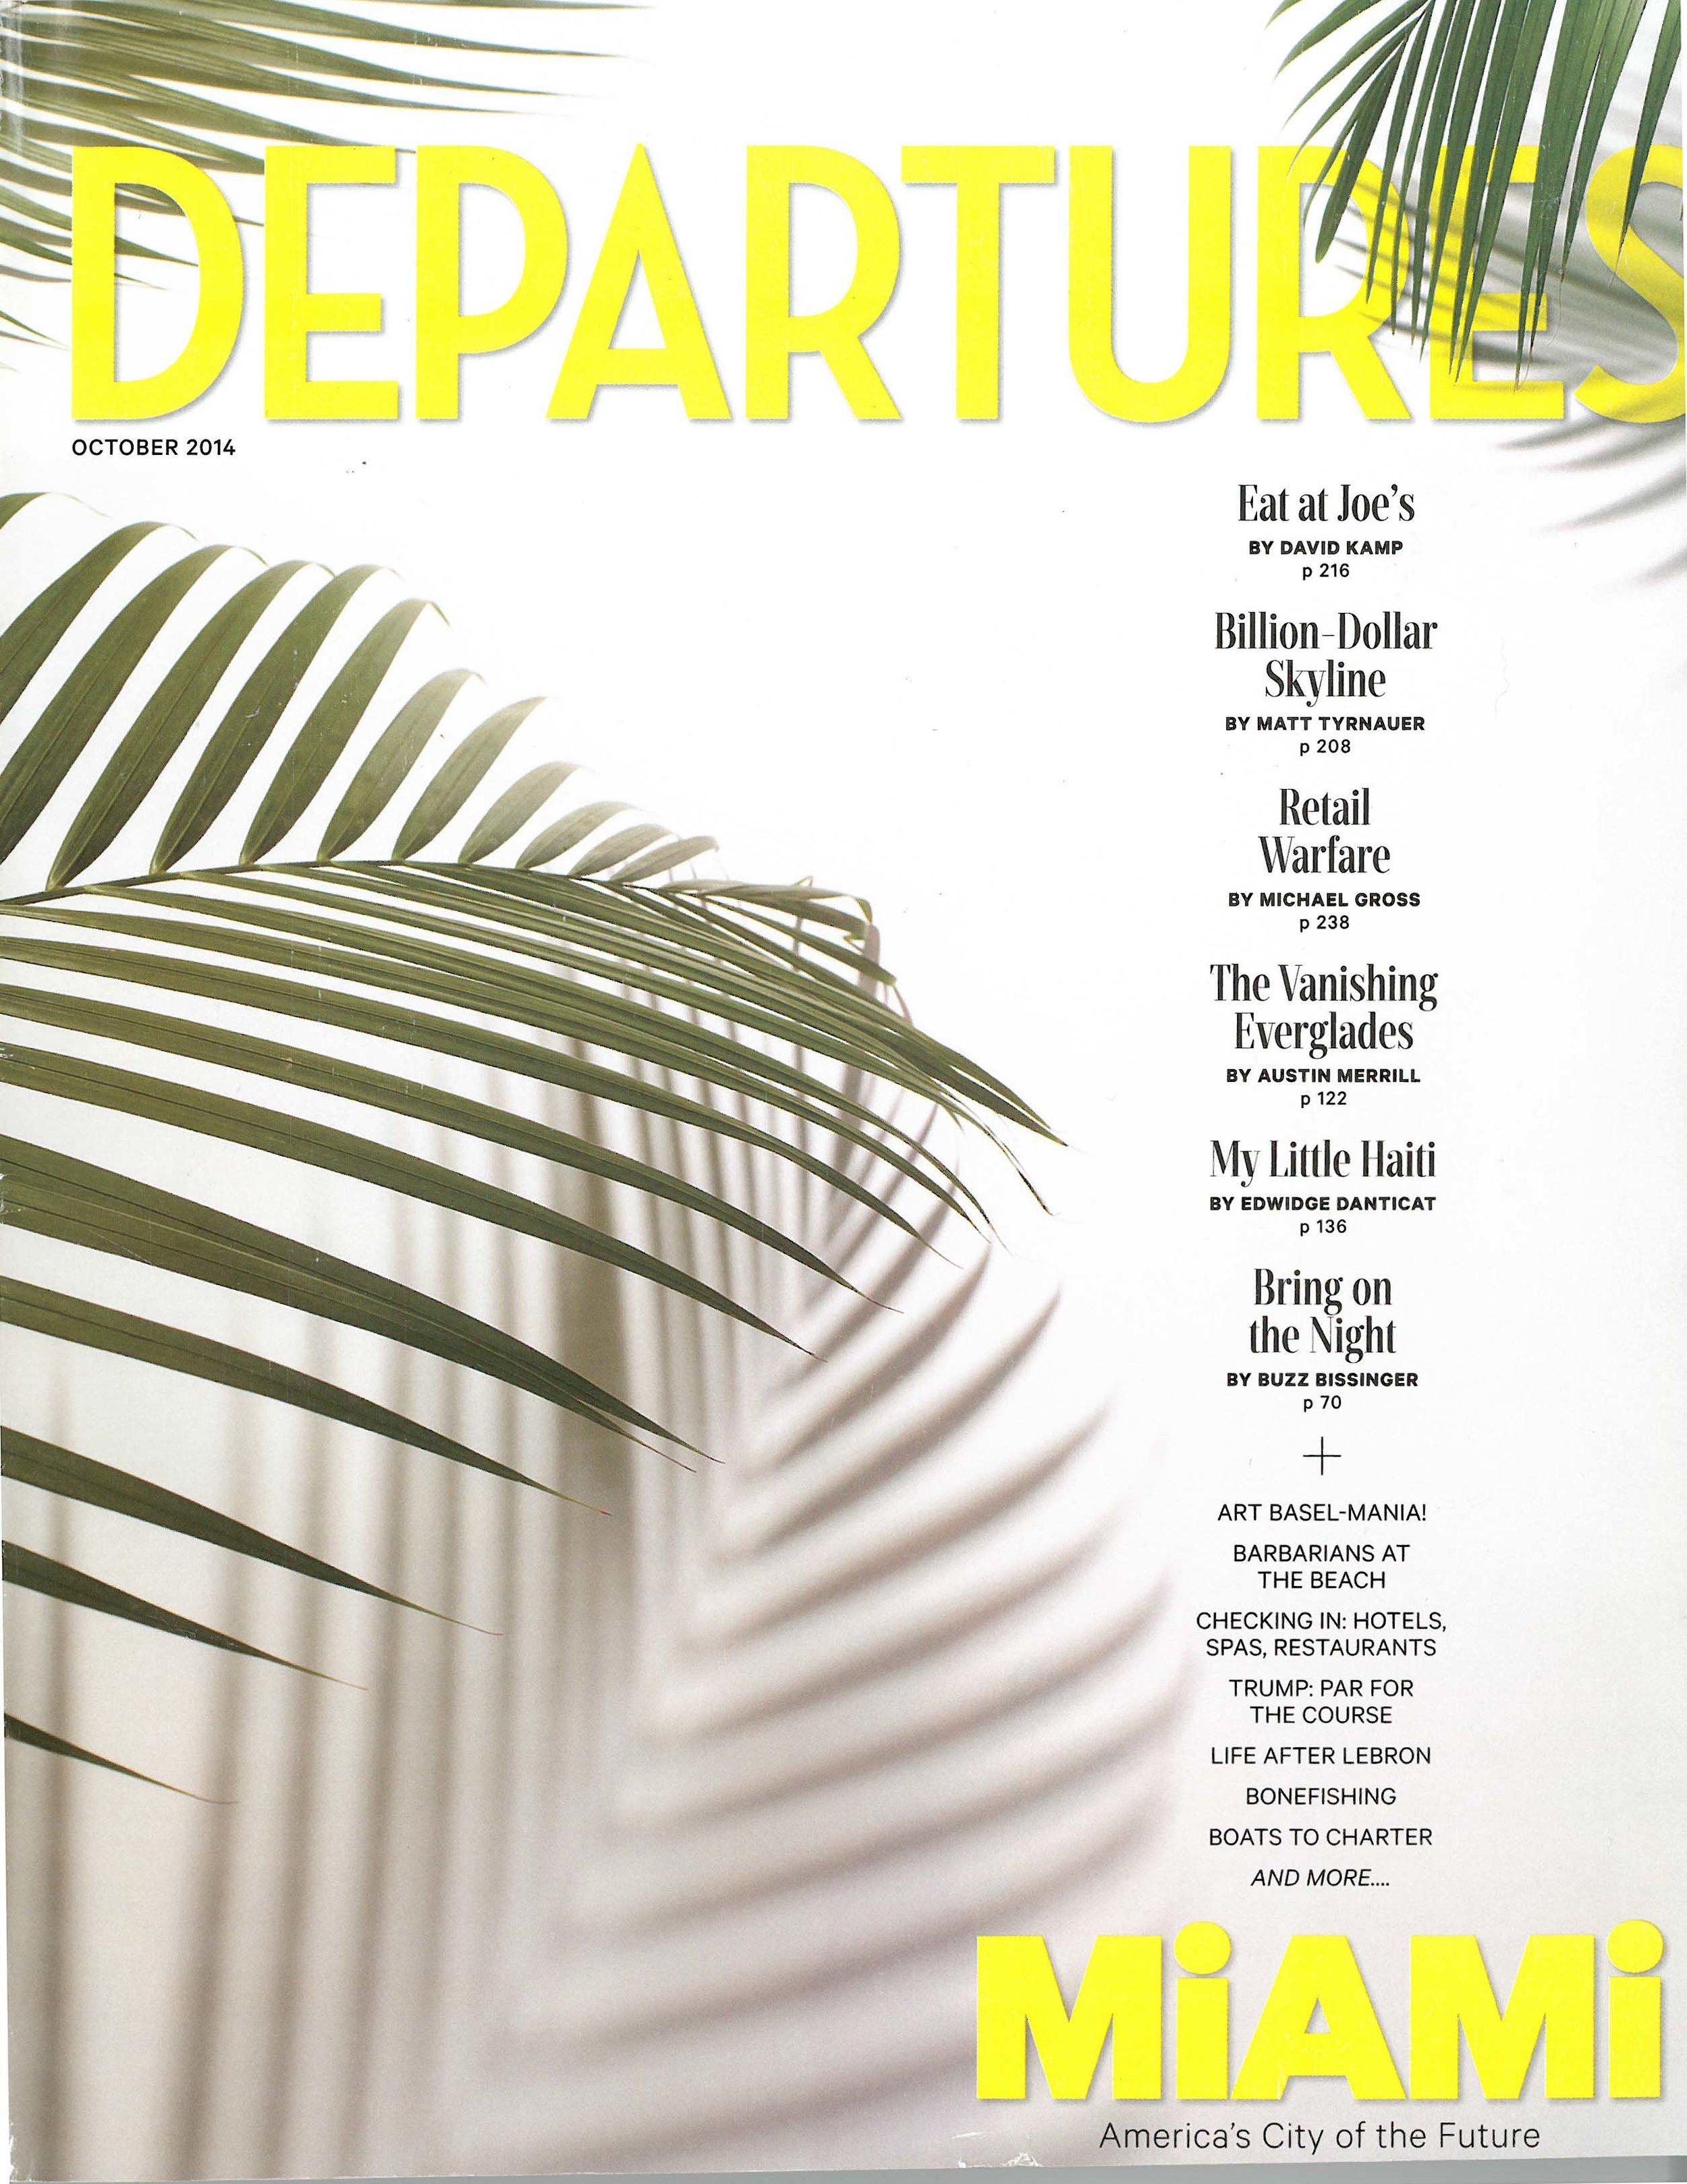 Matt Tyrna, Billion-Dollar Skyline, Departure, Oct 2014      MORE >>